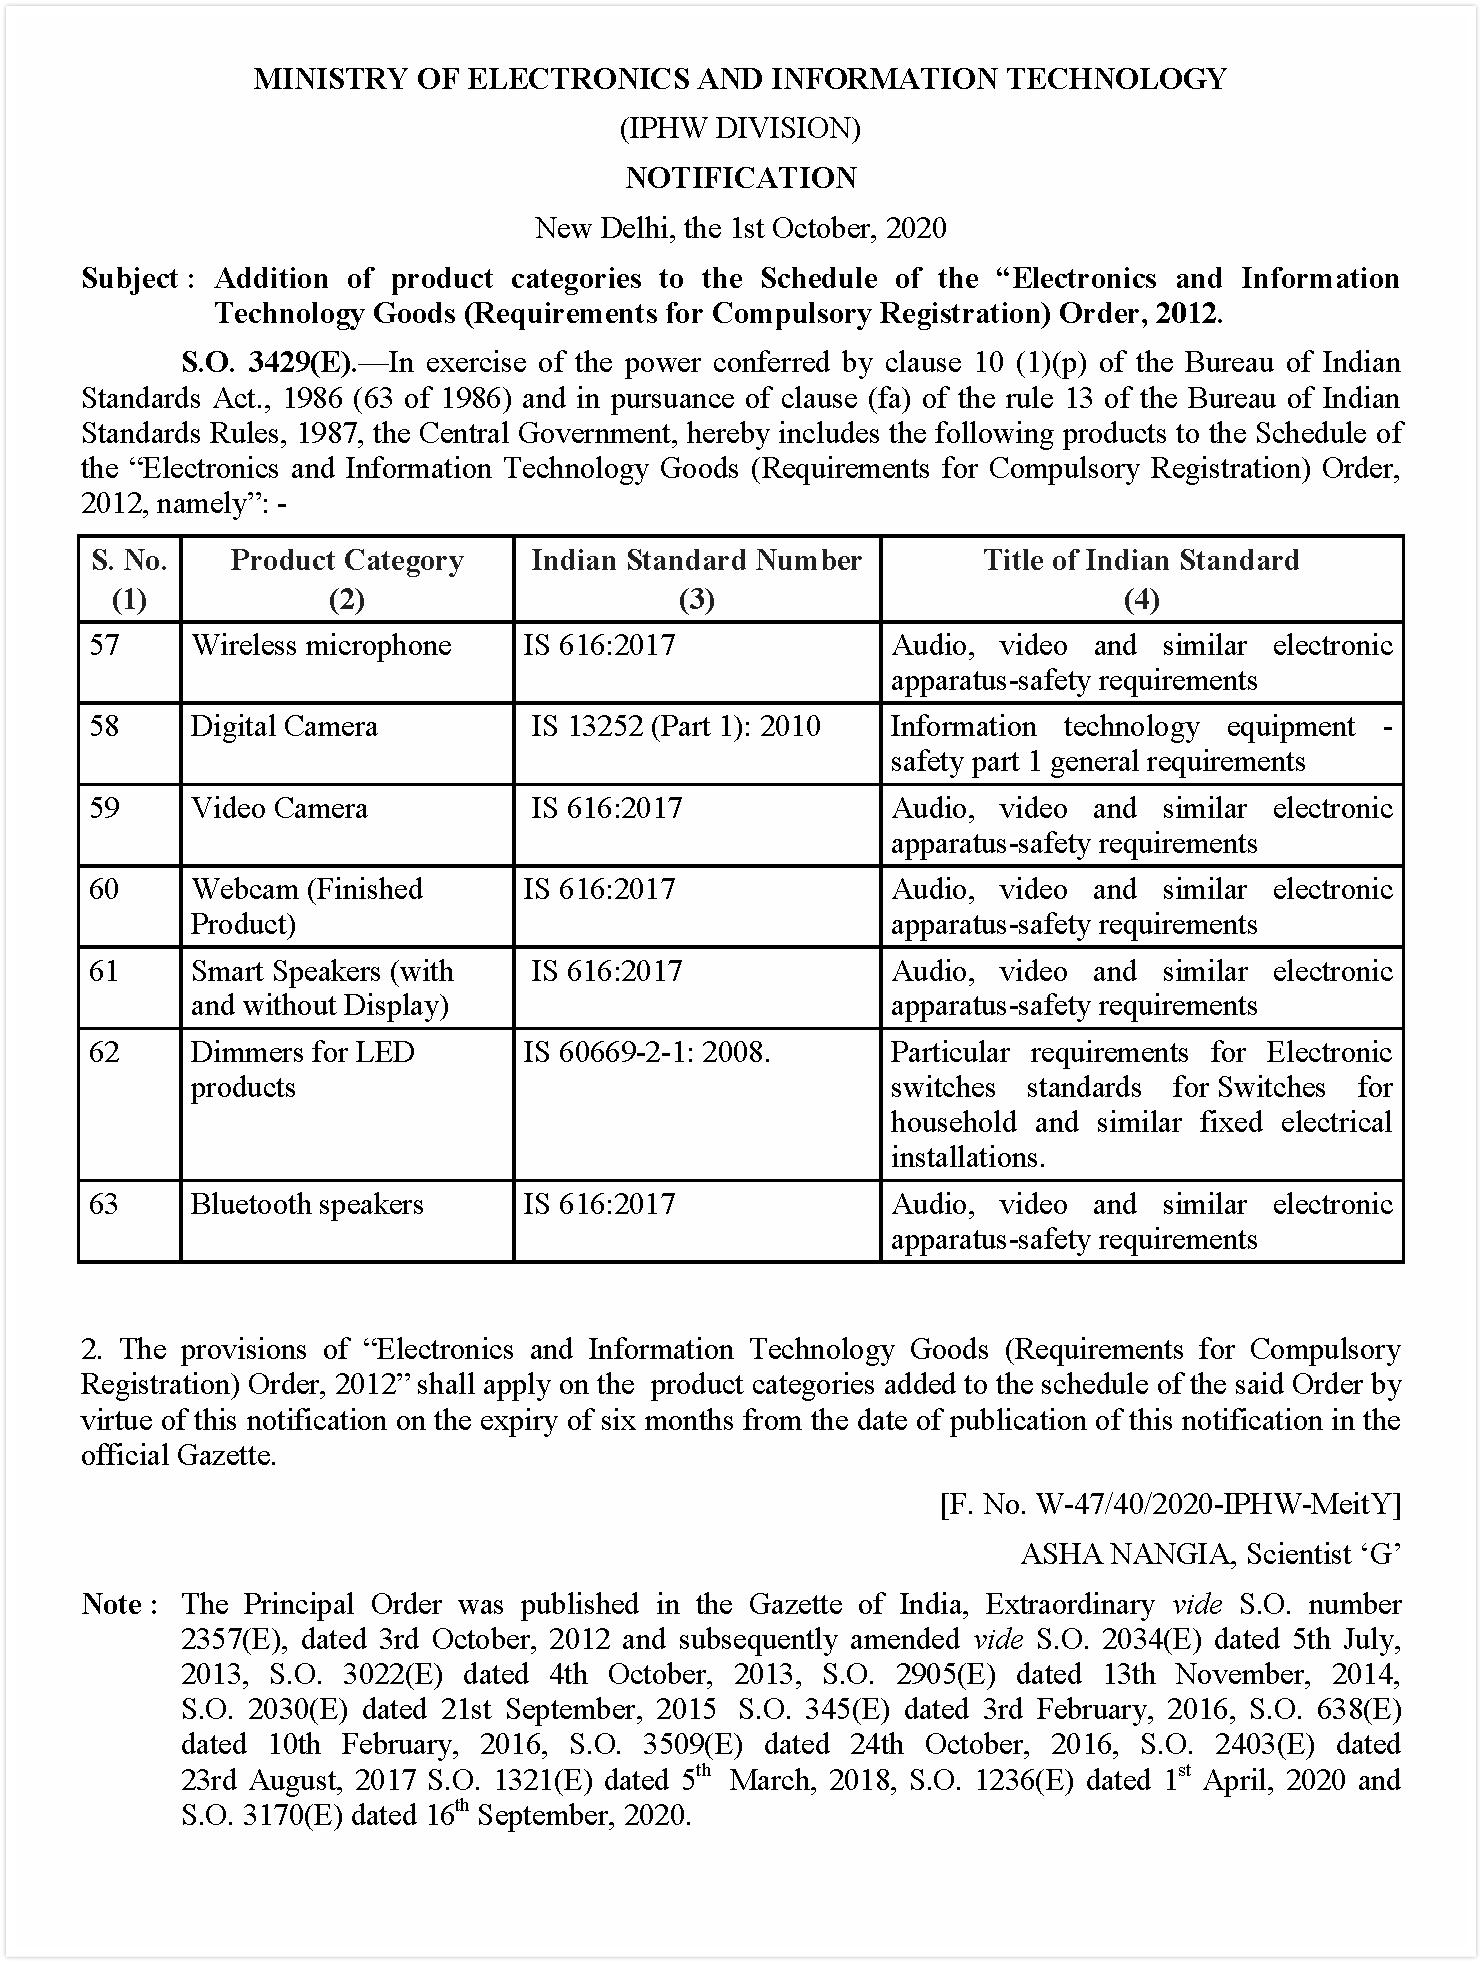 印度CRS第5批产品清单.png